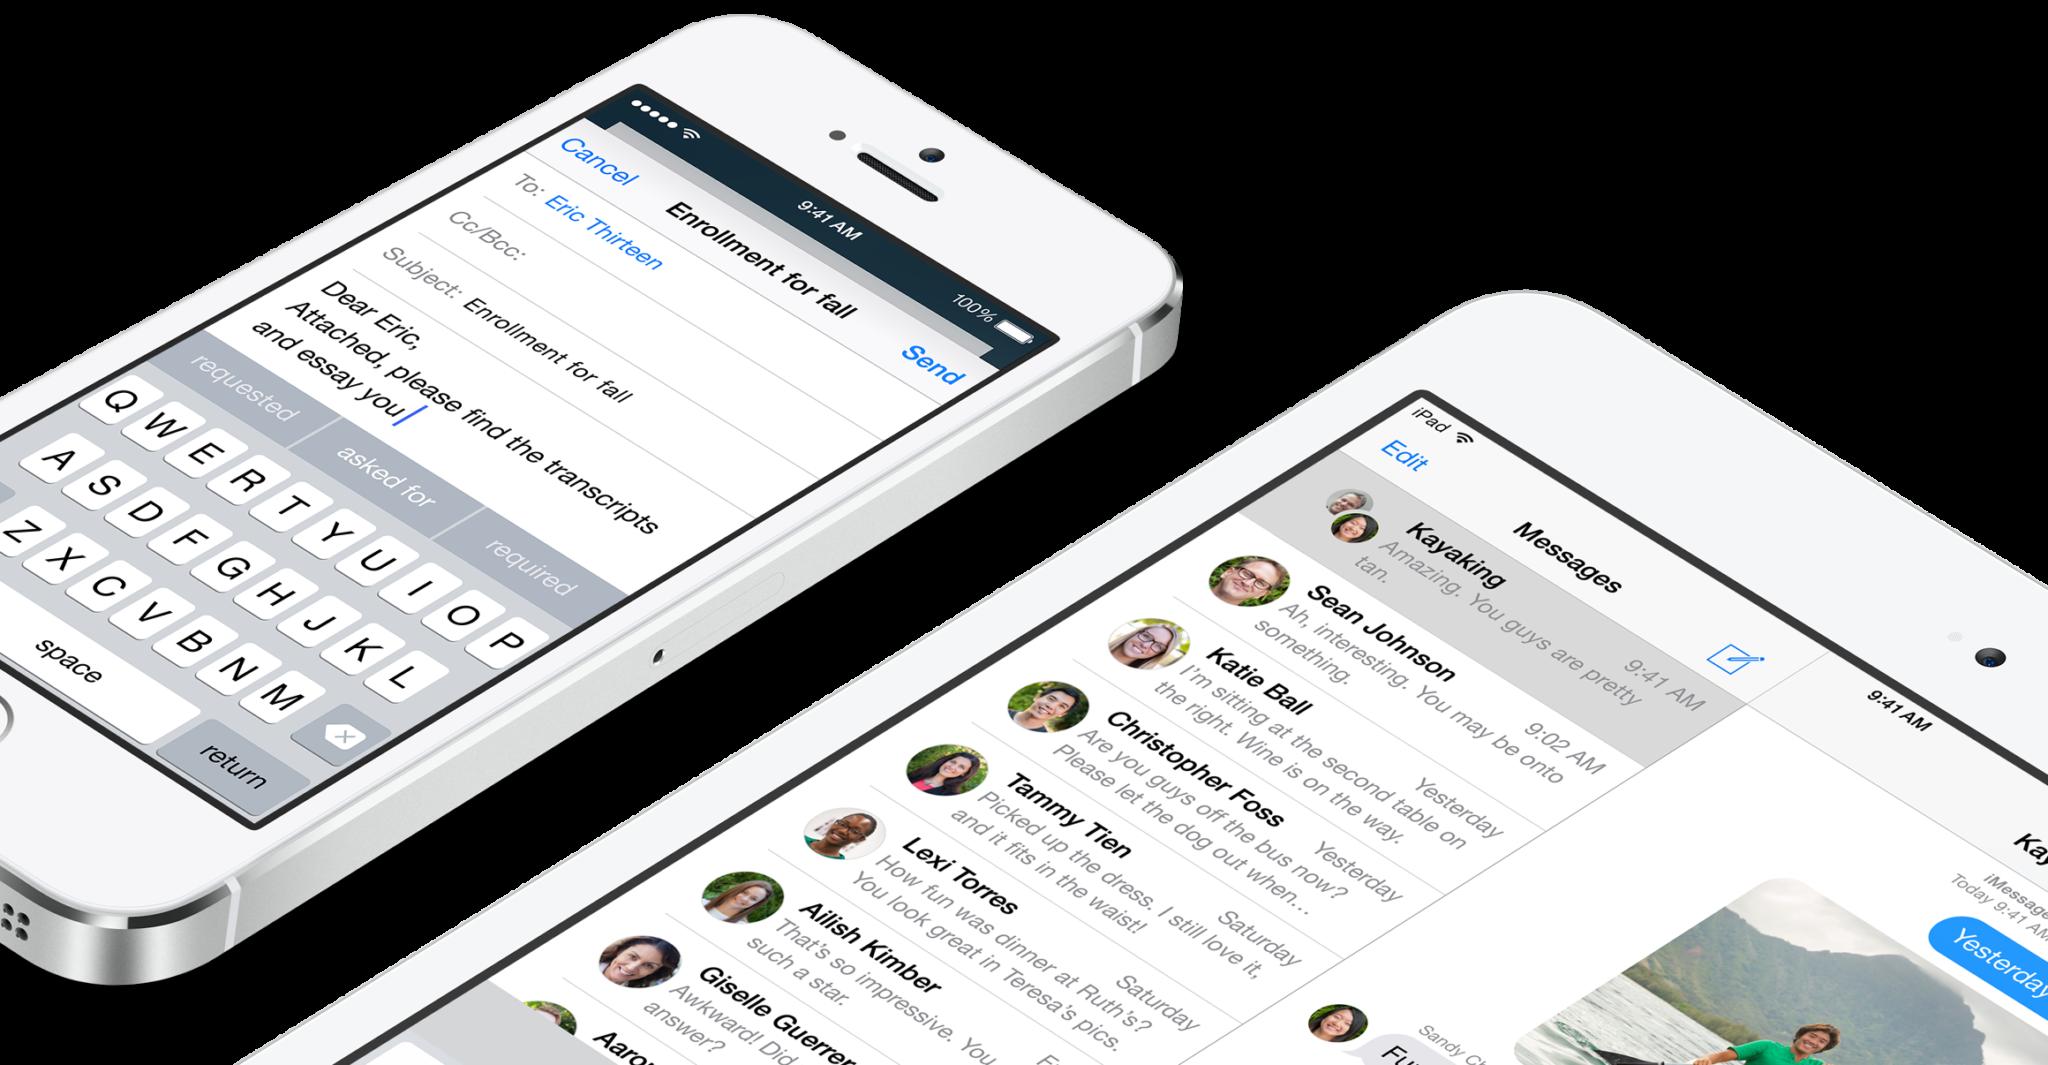 iOS 8 – prediktivní zadávání textu může být rizikové